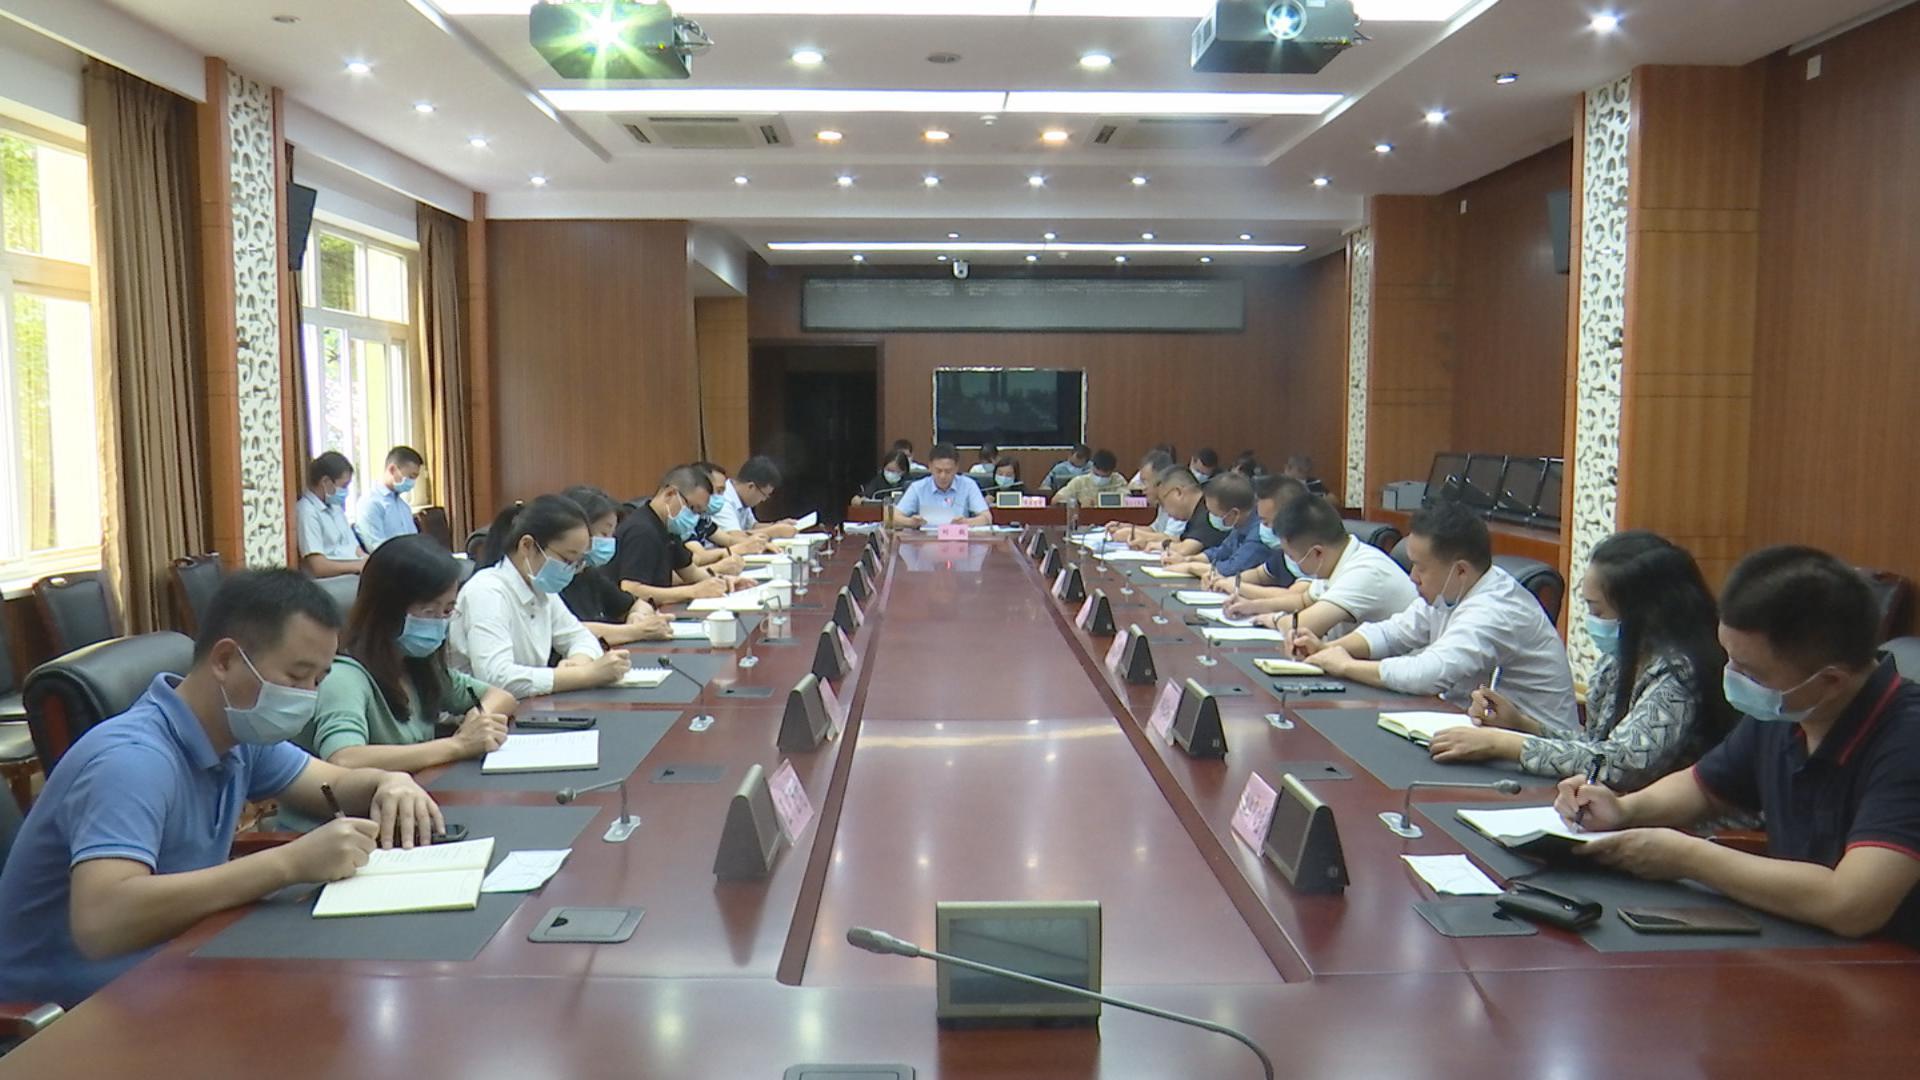 全区疫情防控暨安全稳定工作视频调度会议召开